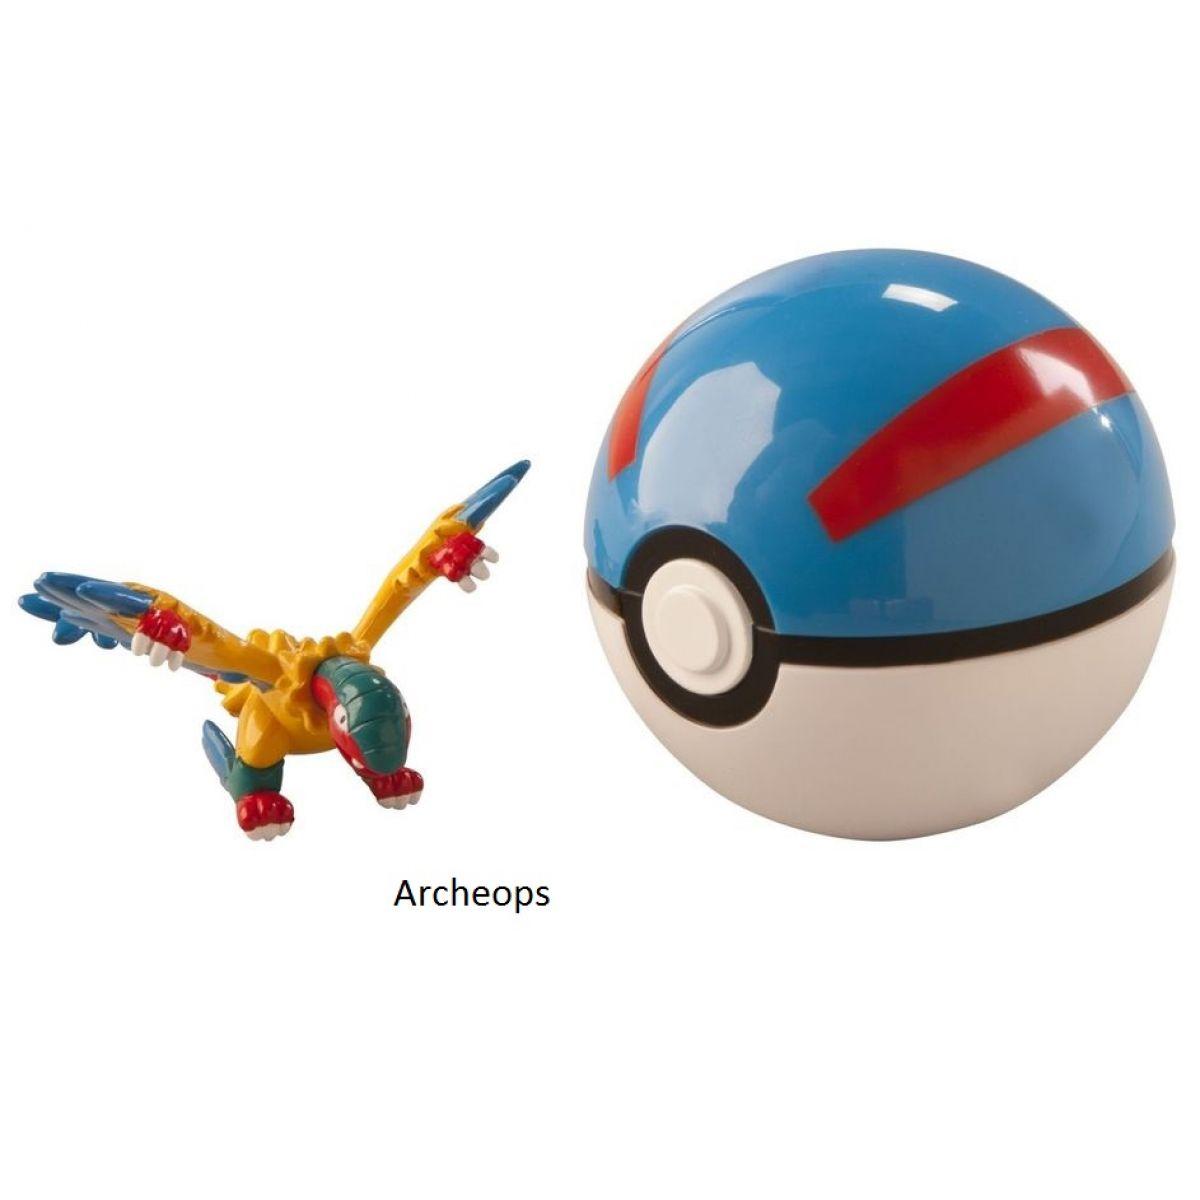 Pokémon Pokéball s figurkou - Archeops